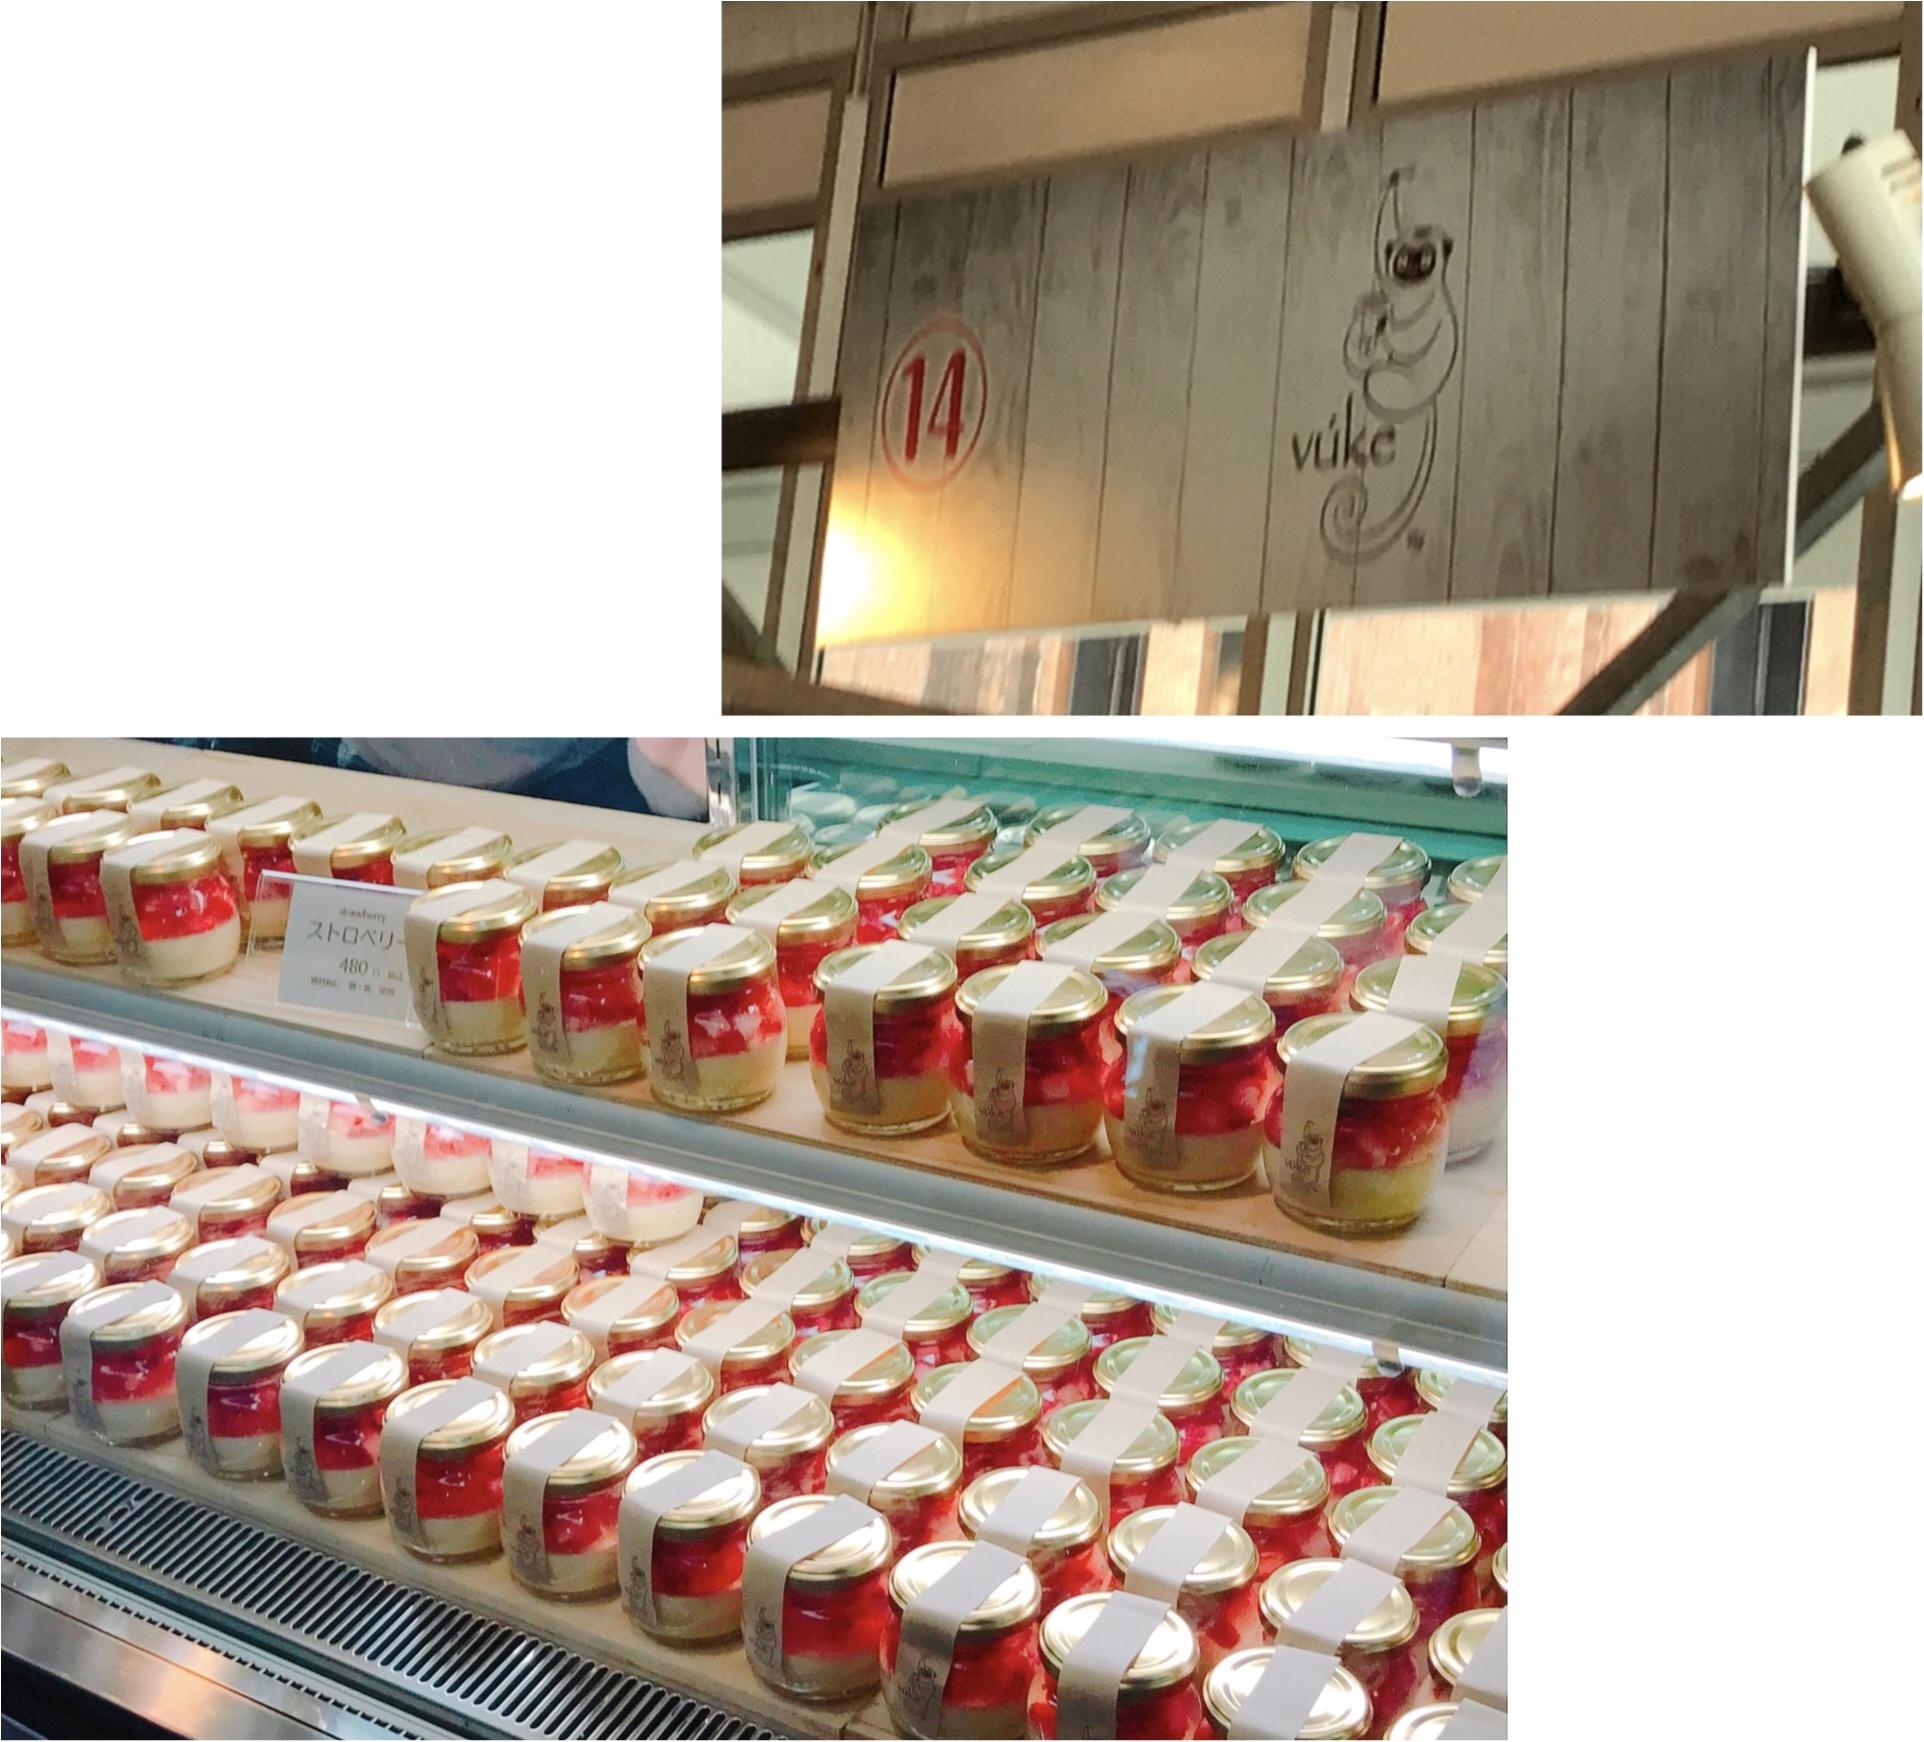 """《昨年22万人以上が訪れた‼︎》赤レンガ倉庫の""""いちごの収穫祭""""【ヨコハマ ストロベリーフェスティバル】が昨年よりパワーアップして開催中♪_4"""